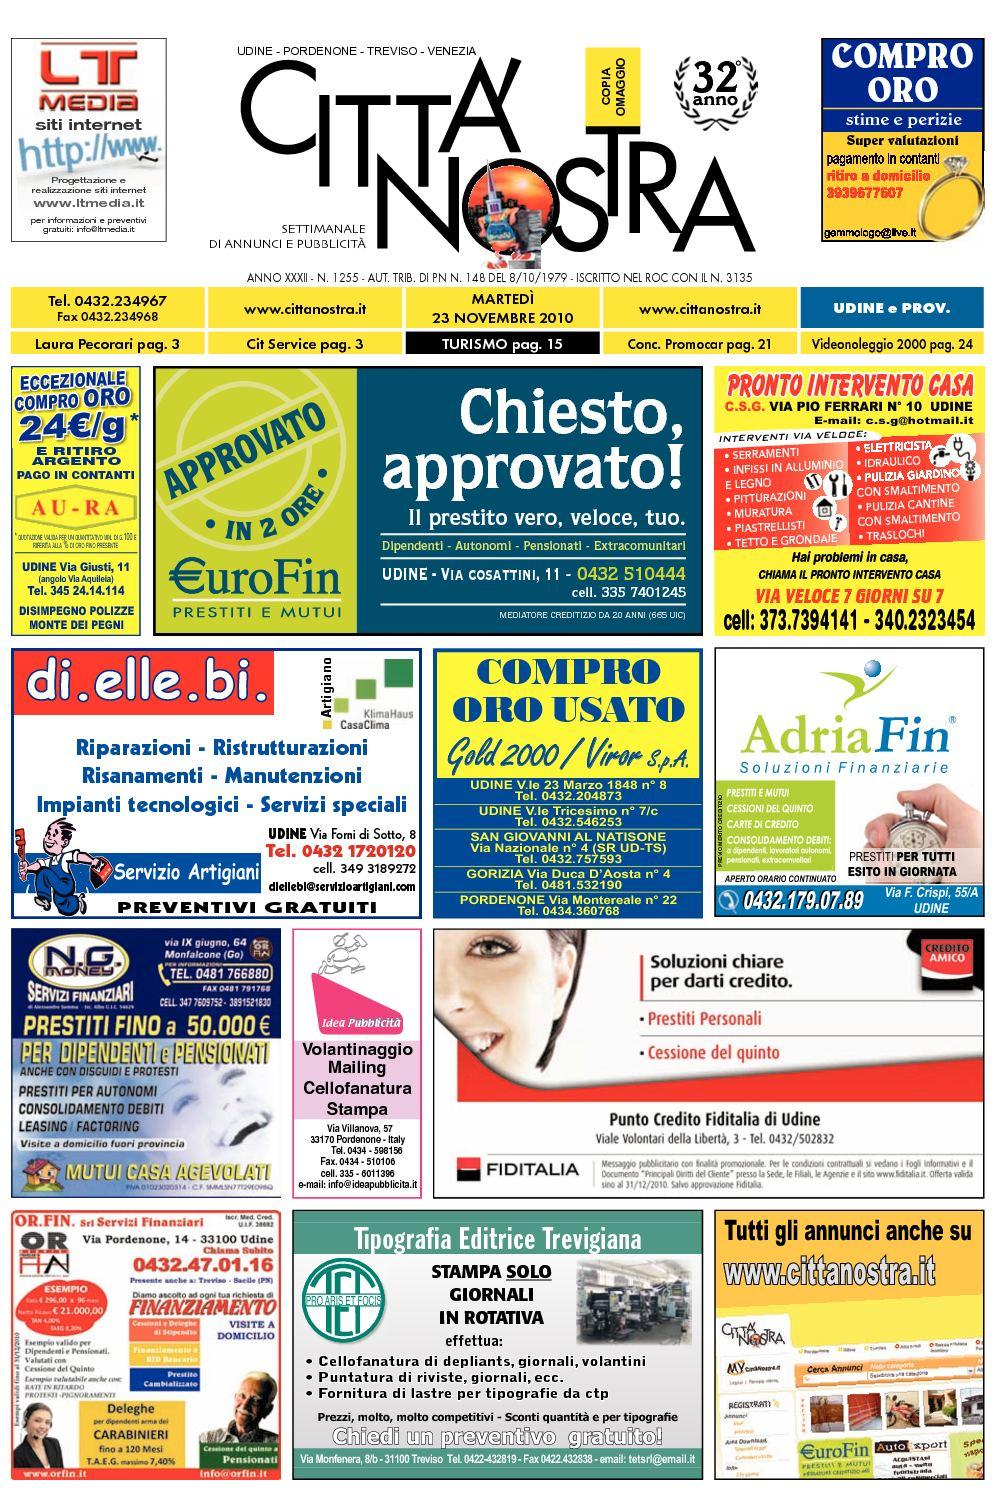 Calaméo - Città Nostra Udine del 23.11.2010 n. 1255 2d5f0a0fd4c